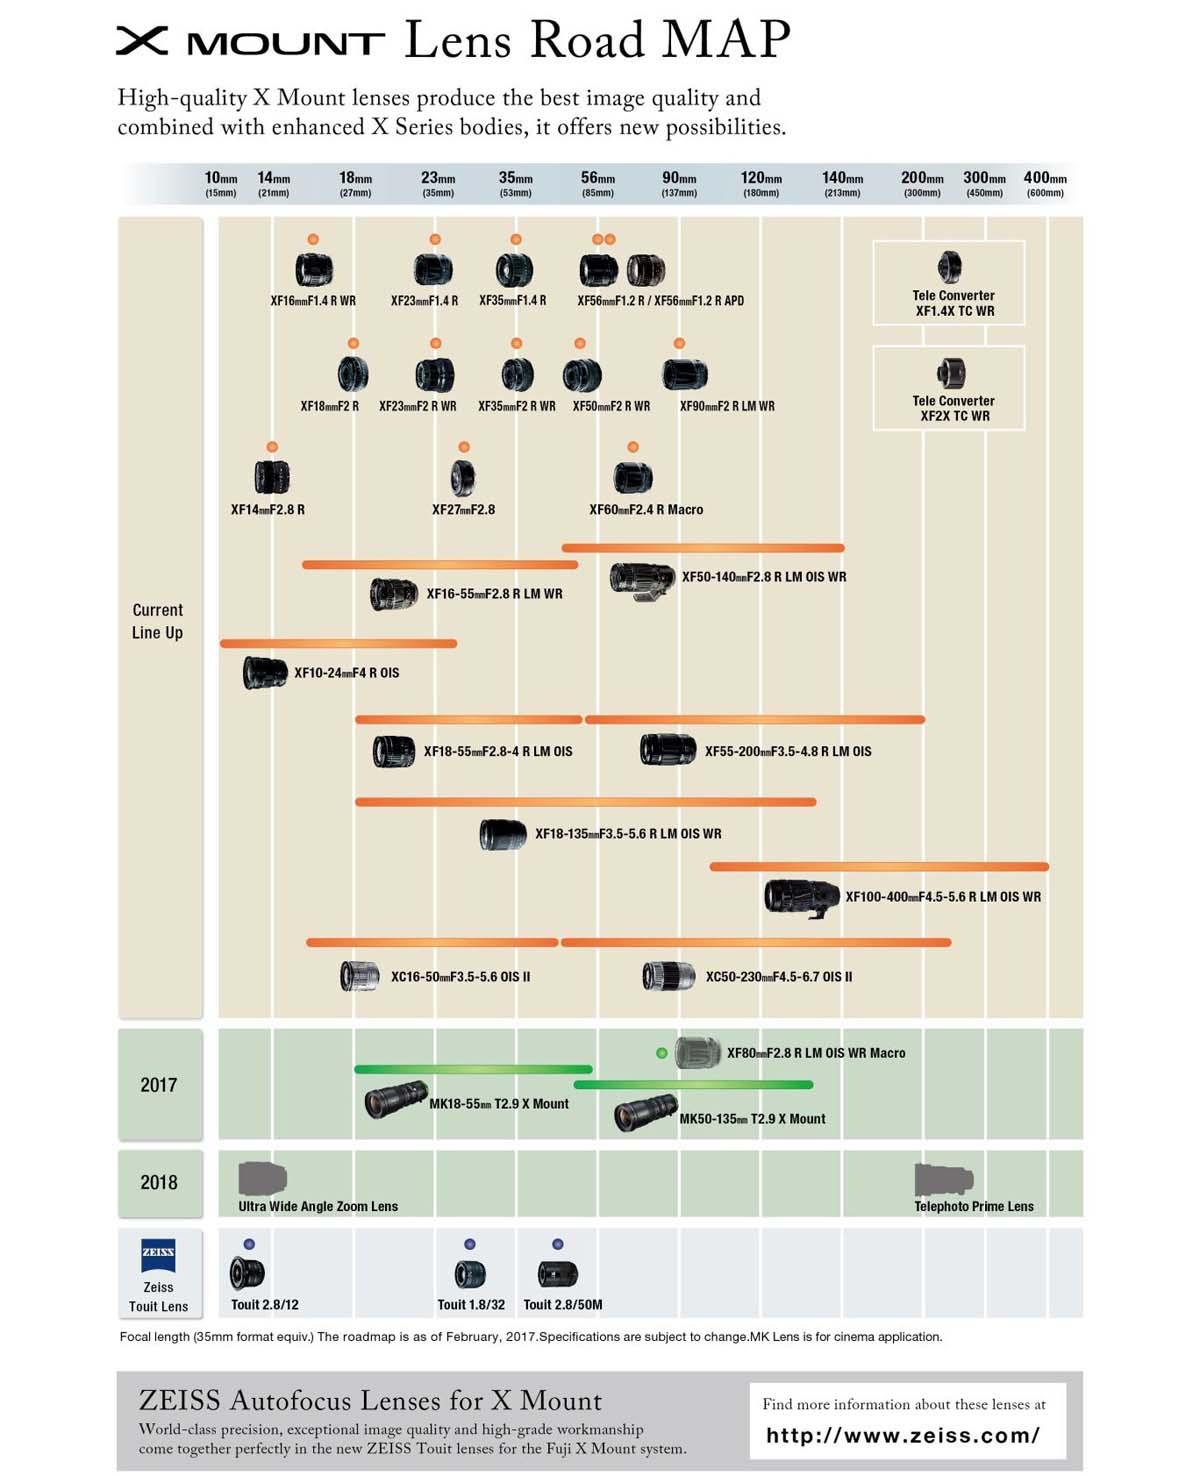 Планы по выпуску оптики Fujifilm GF для беззеркальной среднеформатной камеры